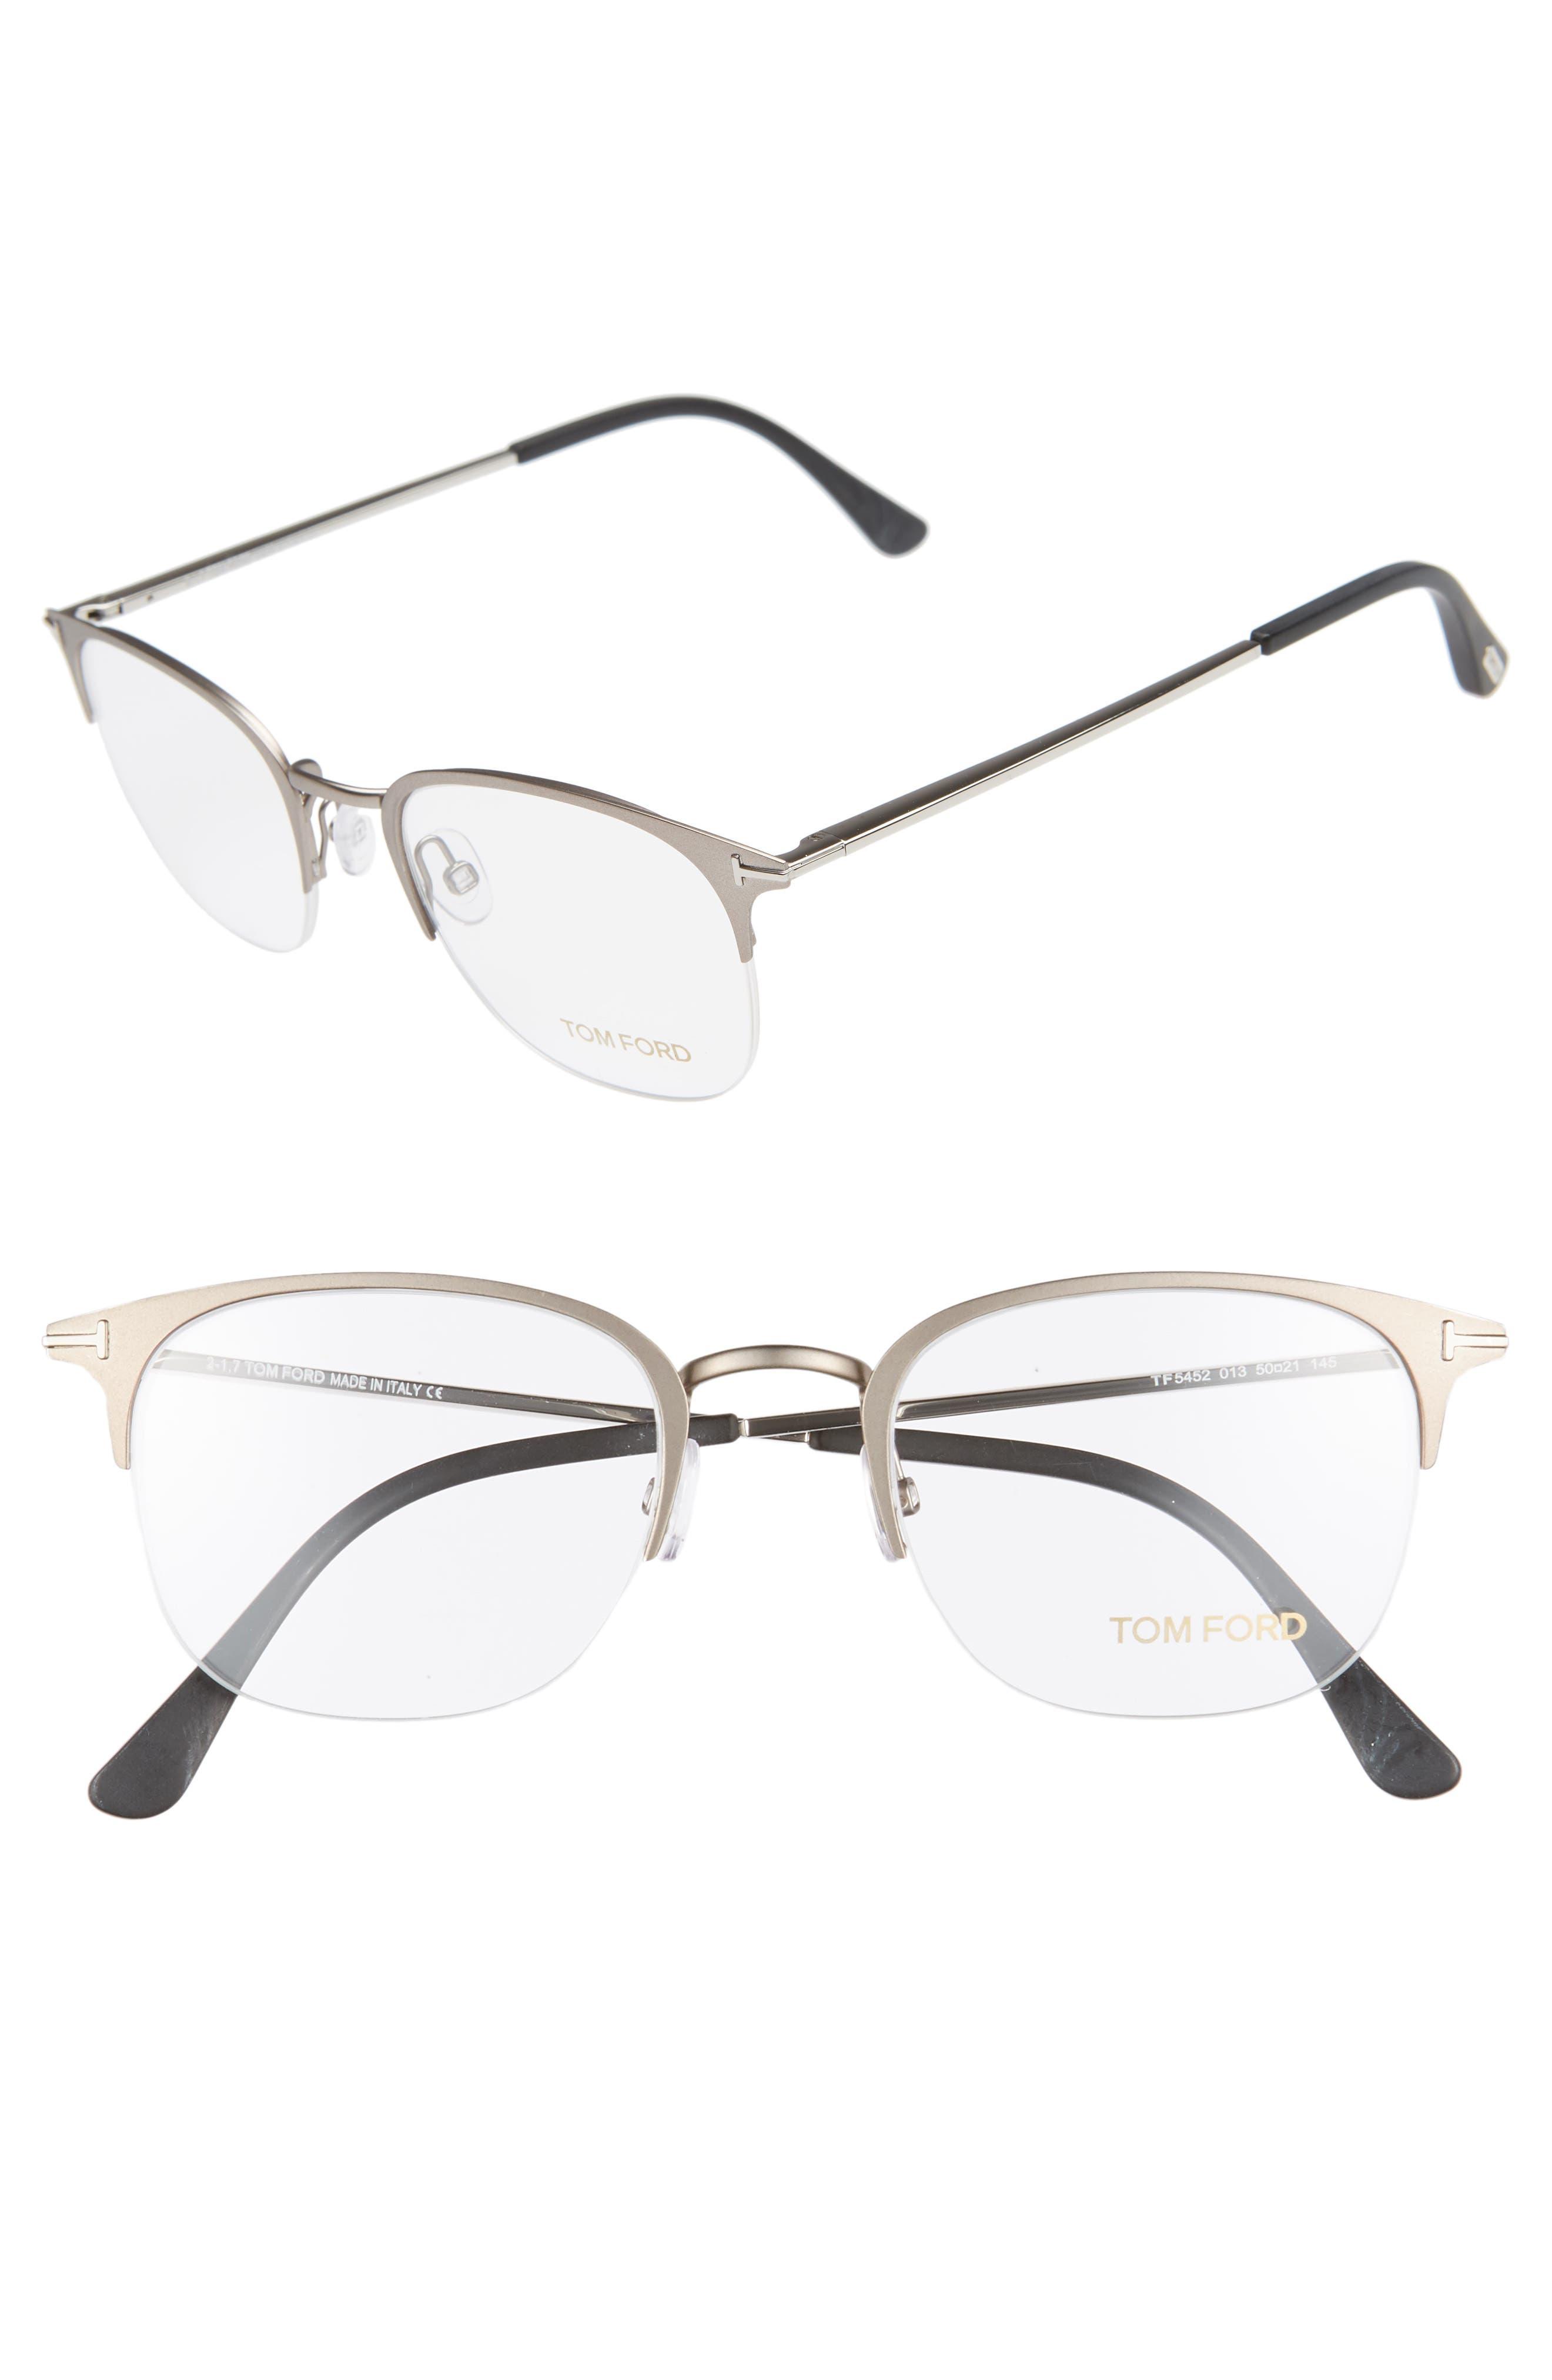 50mm Optical Glasses,                             Main thumbnail 1, color,                             MATTE DARK RUTHENIUM